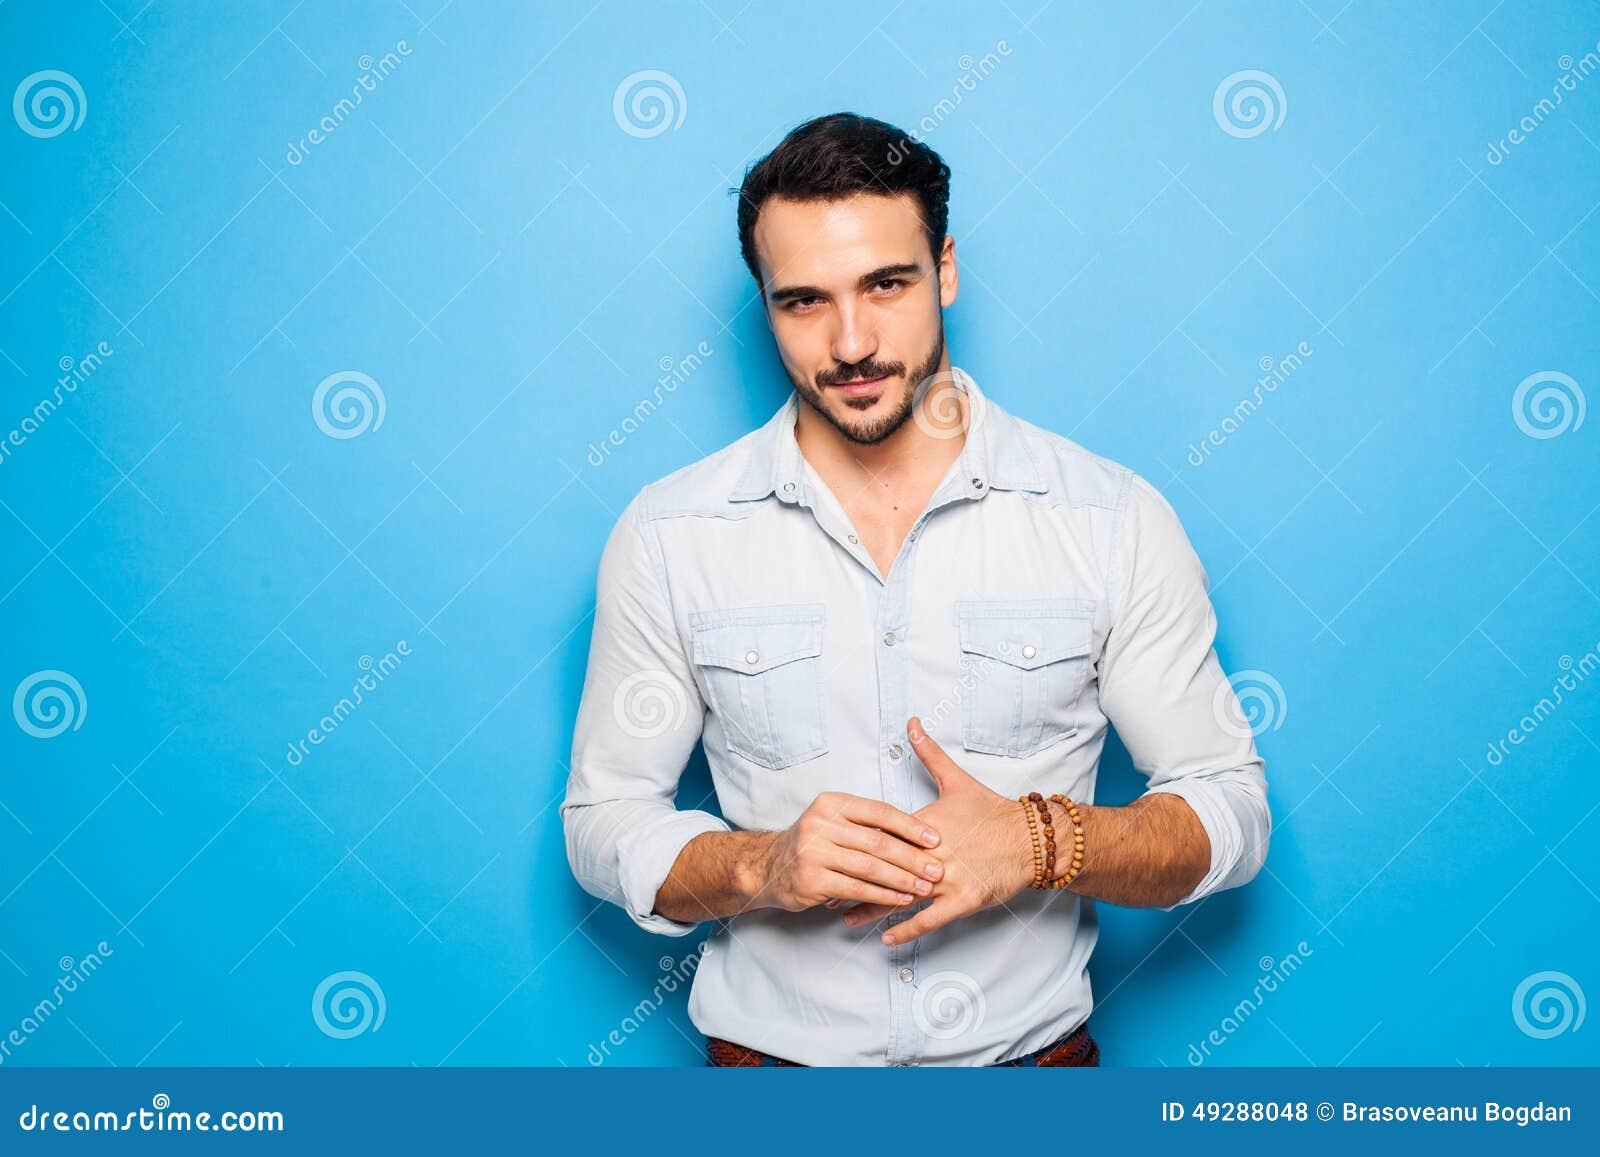 Stilig vuxen människa och manlig man på en blå bakgrund